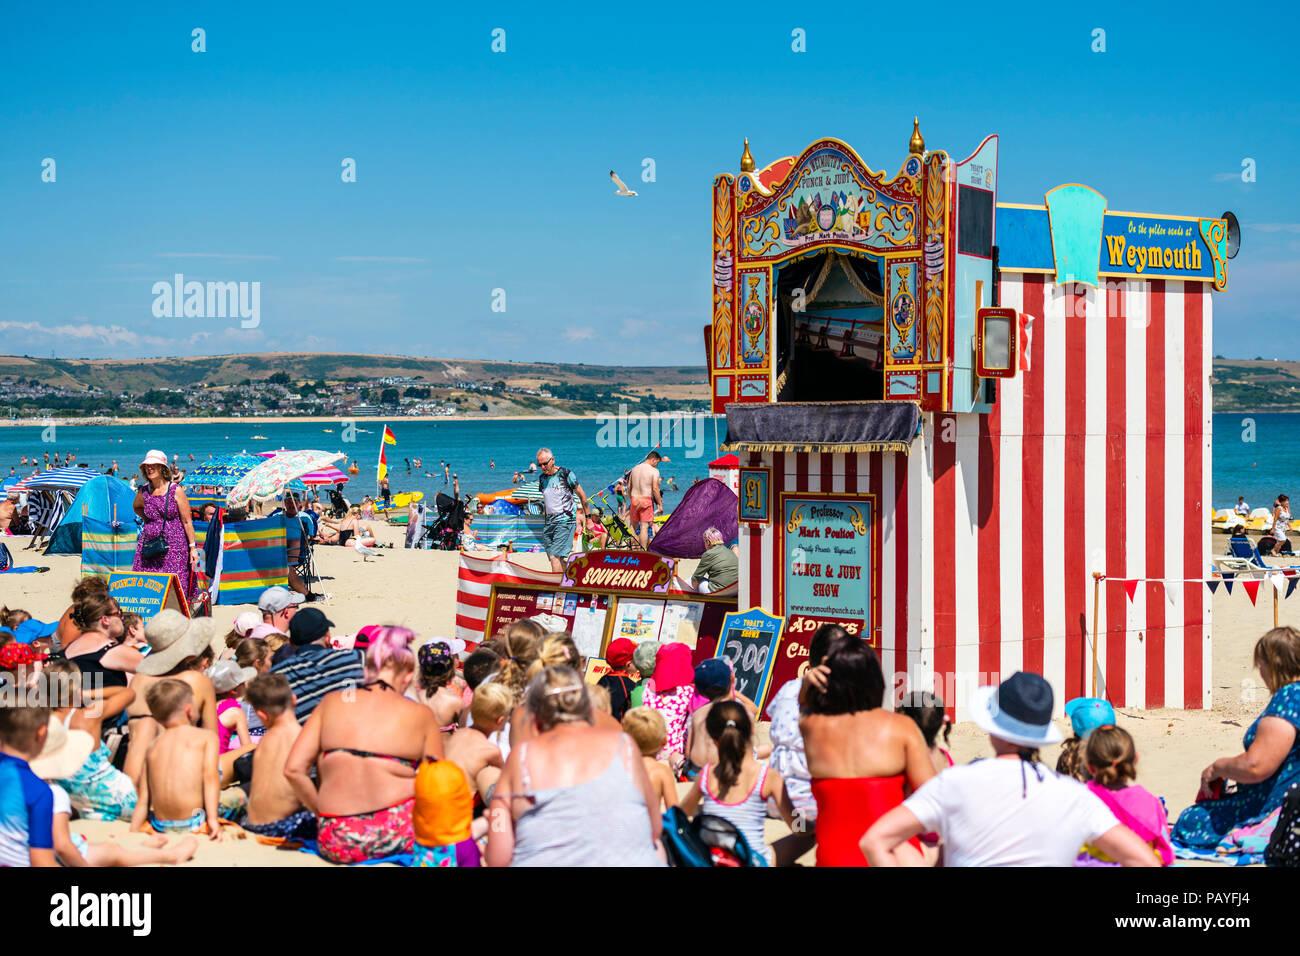 Kasperletheater am Strand von Weymouth, Dorset, Großbritannien. Stockfoto